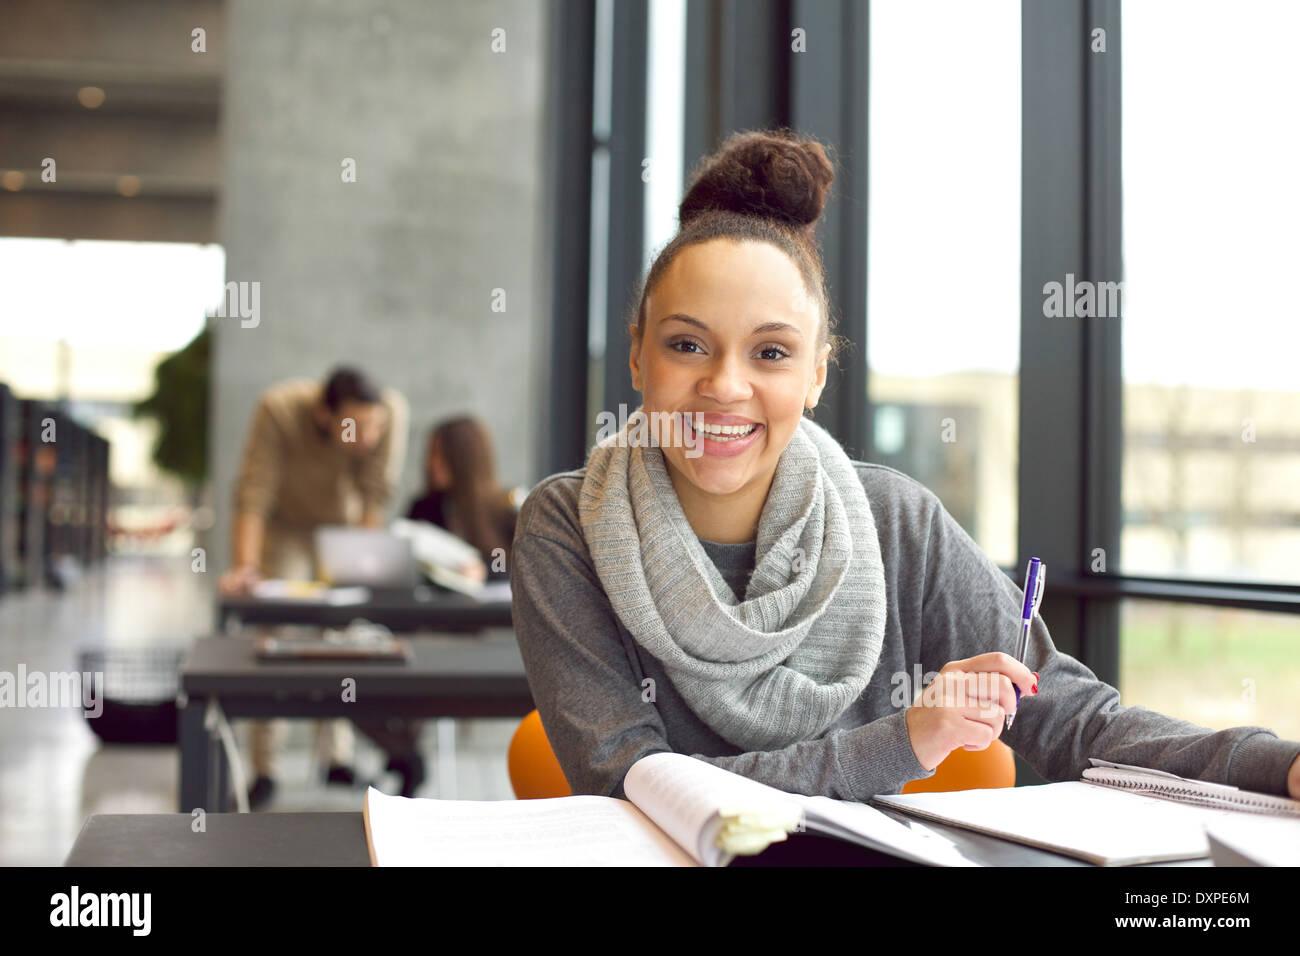 Glückliche junge Frau sitzt in der Bibliothek mit Büchern. Fröhliche junge Studentin Abschlussprüfungen vorbereiten. Stockbild